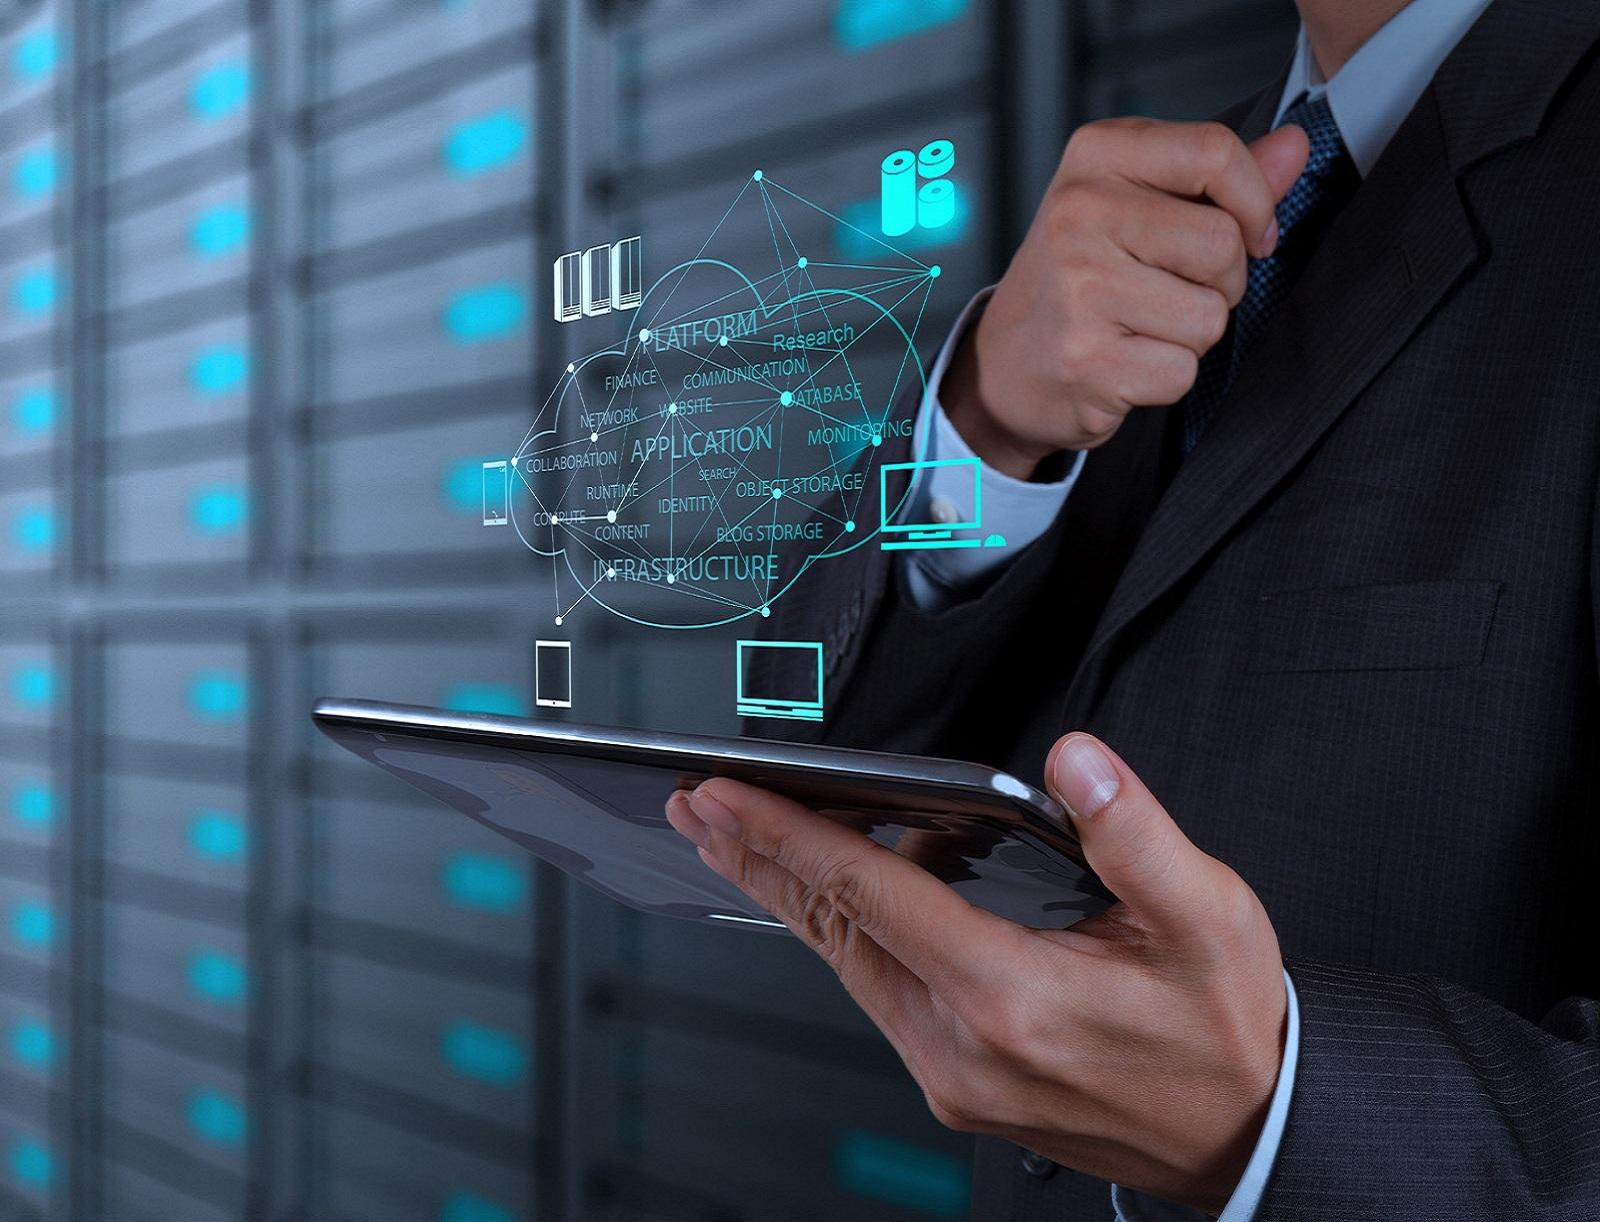 Анализировать, проверять и действовать в команде: как разрабатывать IT-продукты предпринимателю